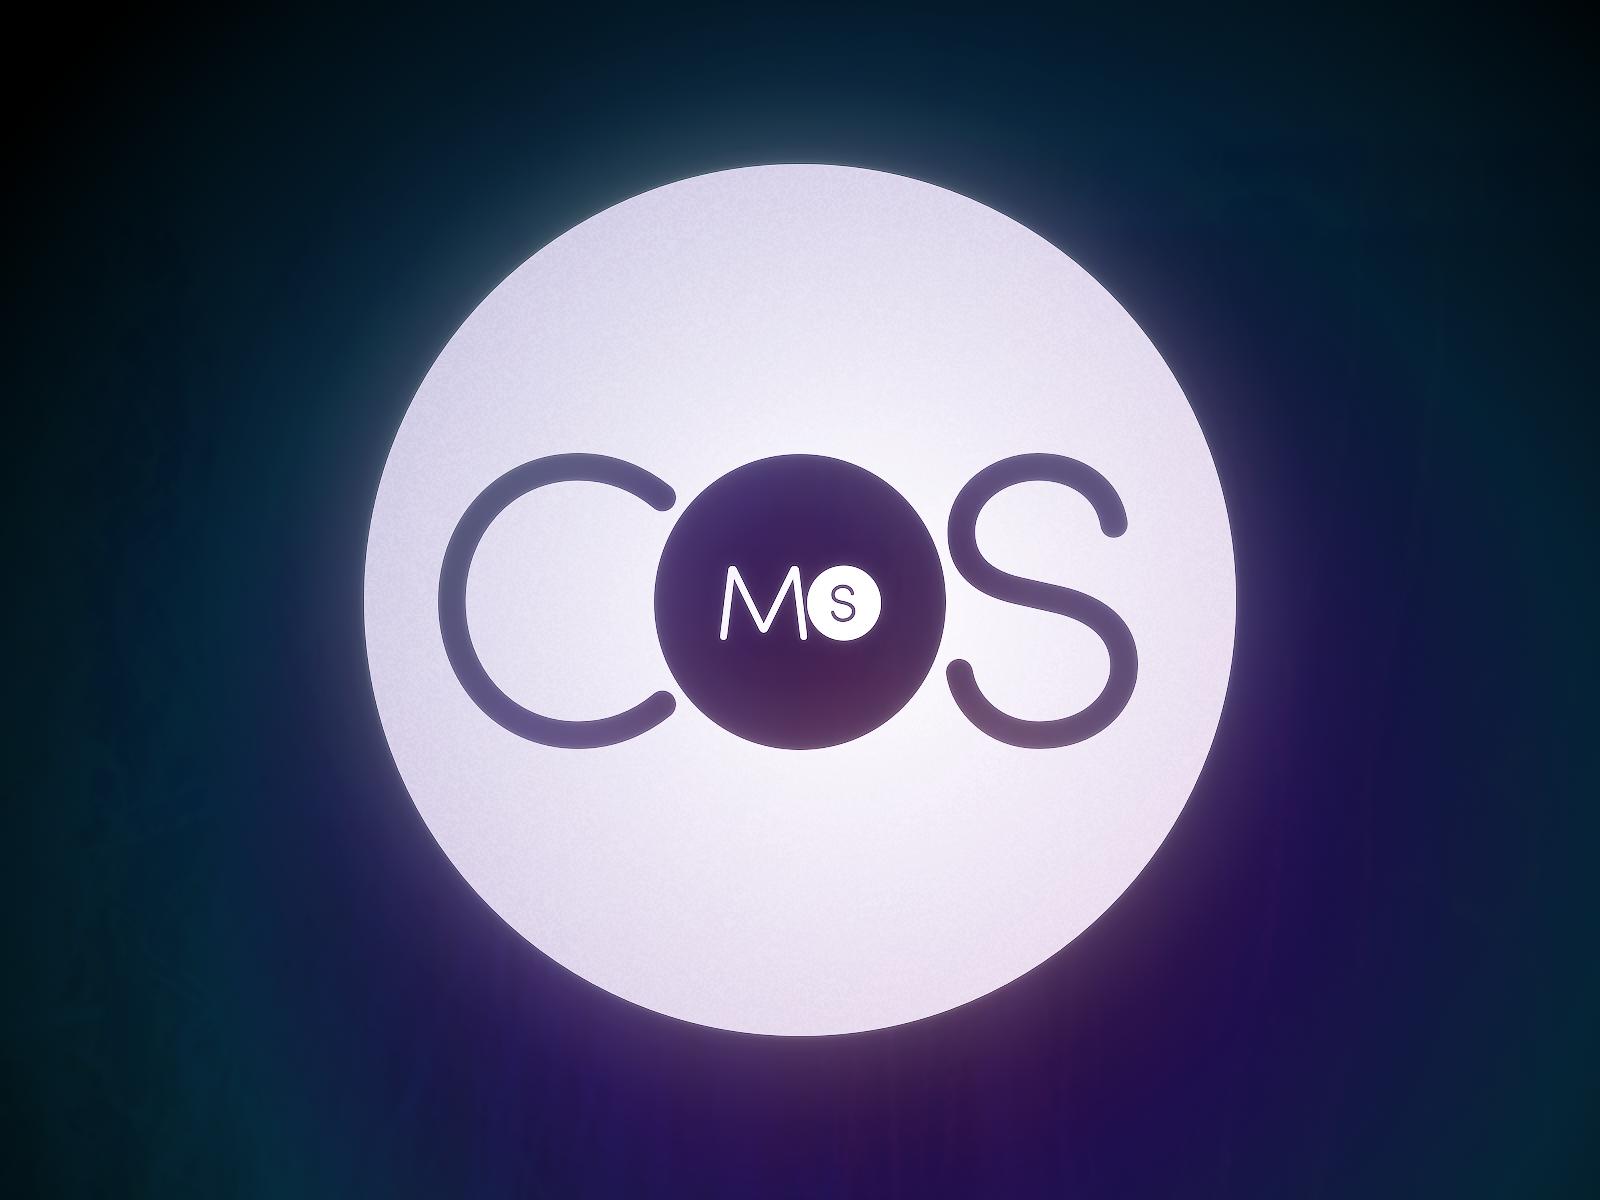 Cosmos 2x